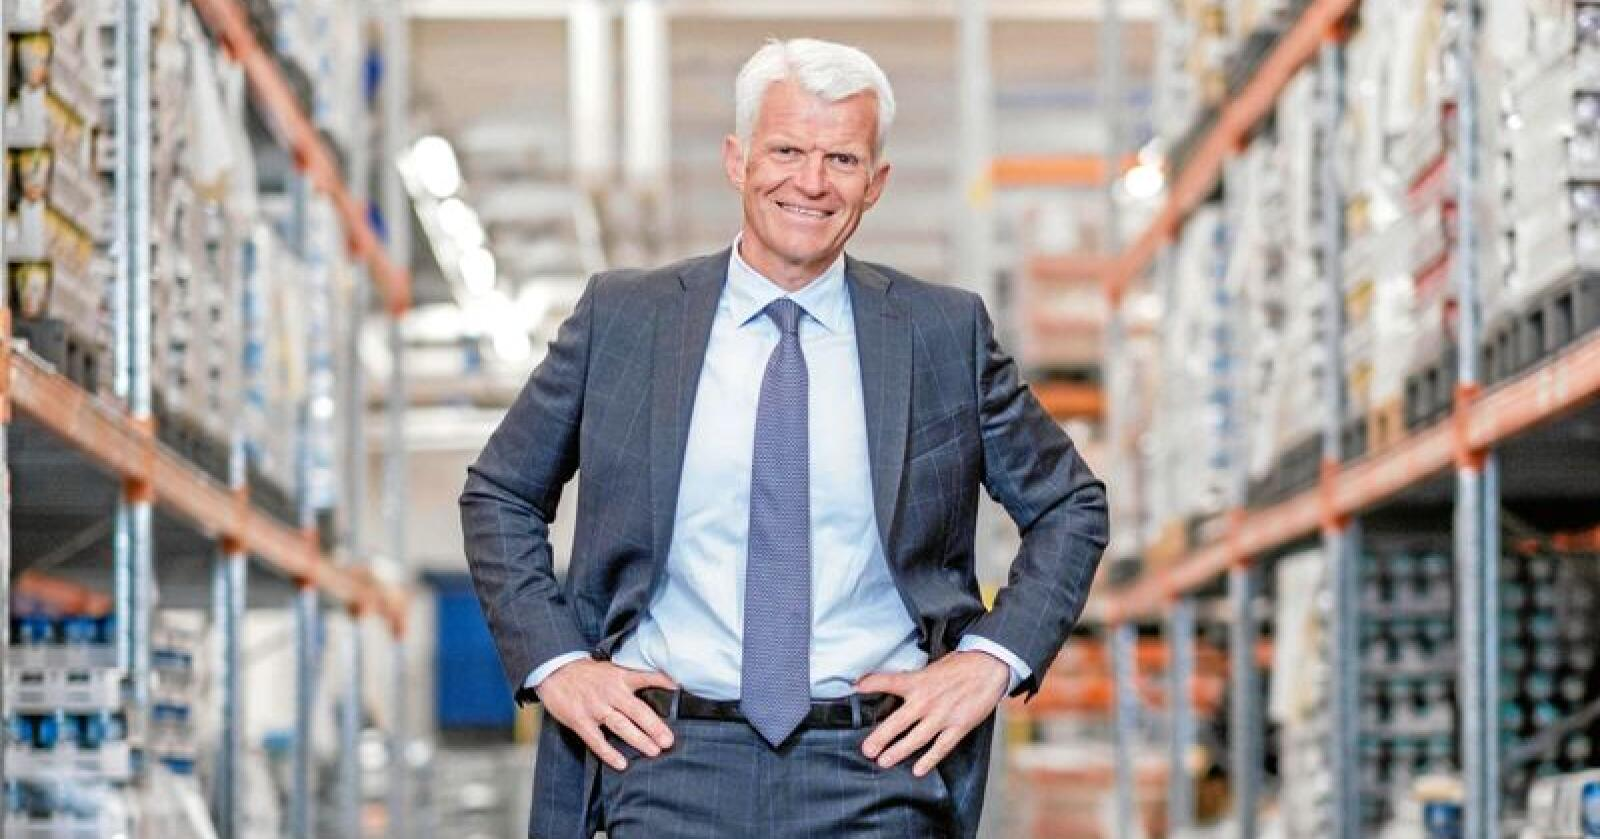 Erik Volden, konserndirektør i Kavli, seier prisutviklinga på råvarer er utfordrande. Foto: Kavli